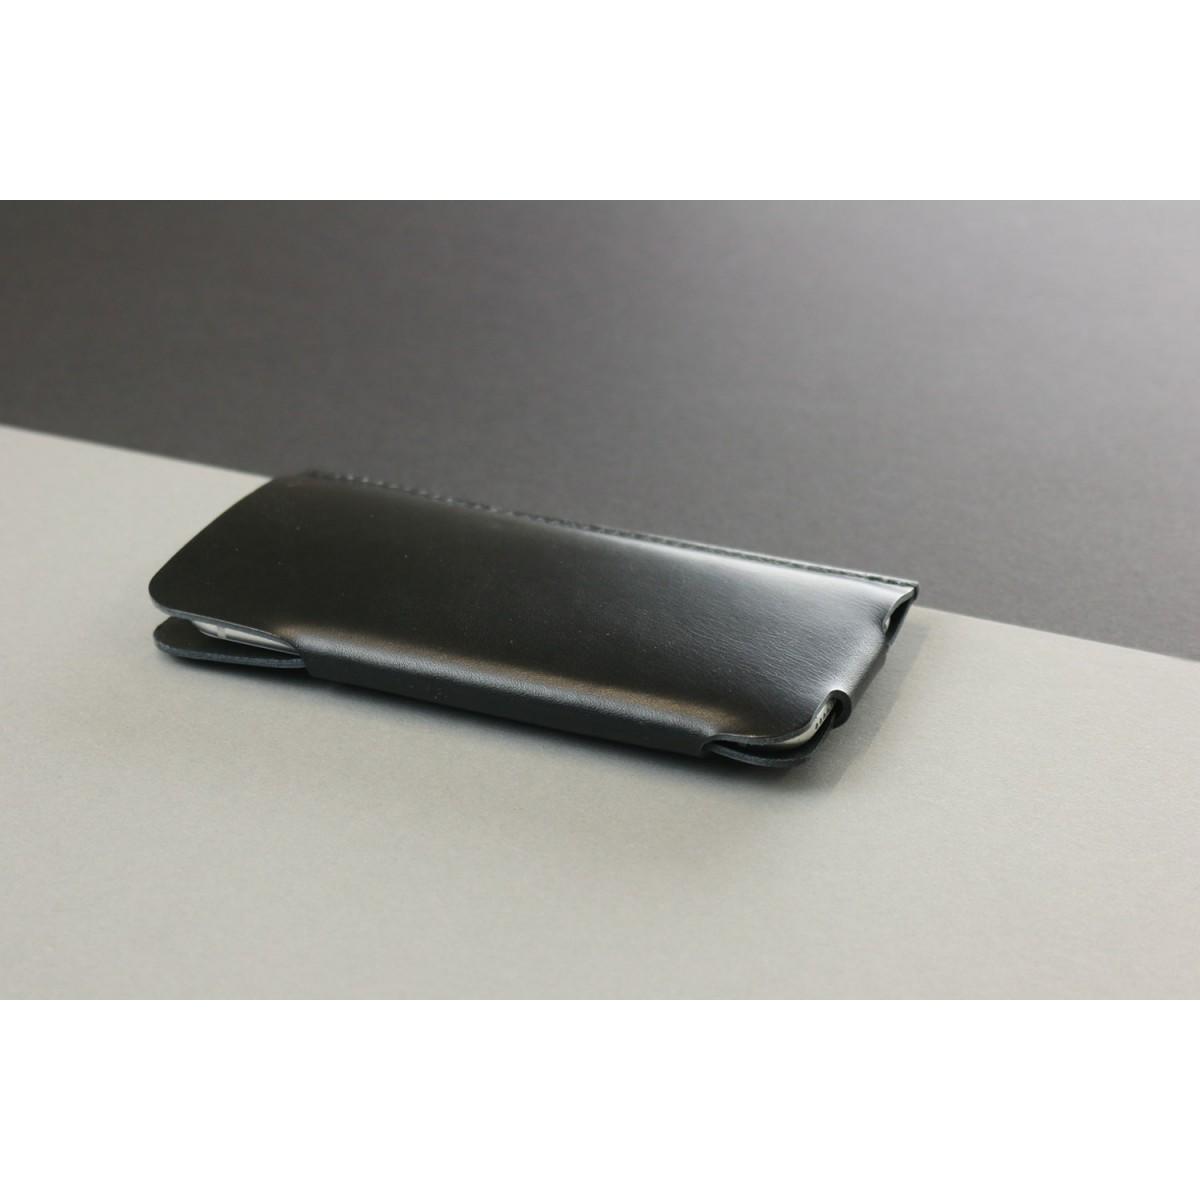 Slim Fit Hülle für iPhone 6 / 6S aus Premium Leder - Schwarz [BL]